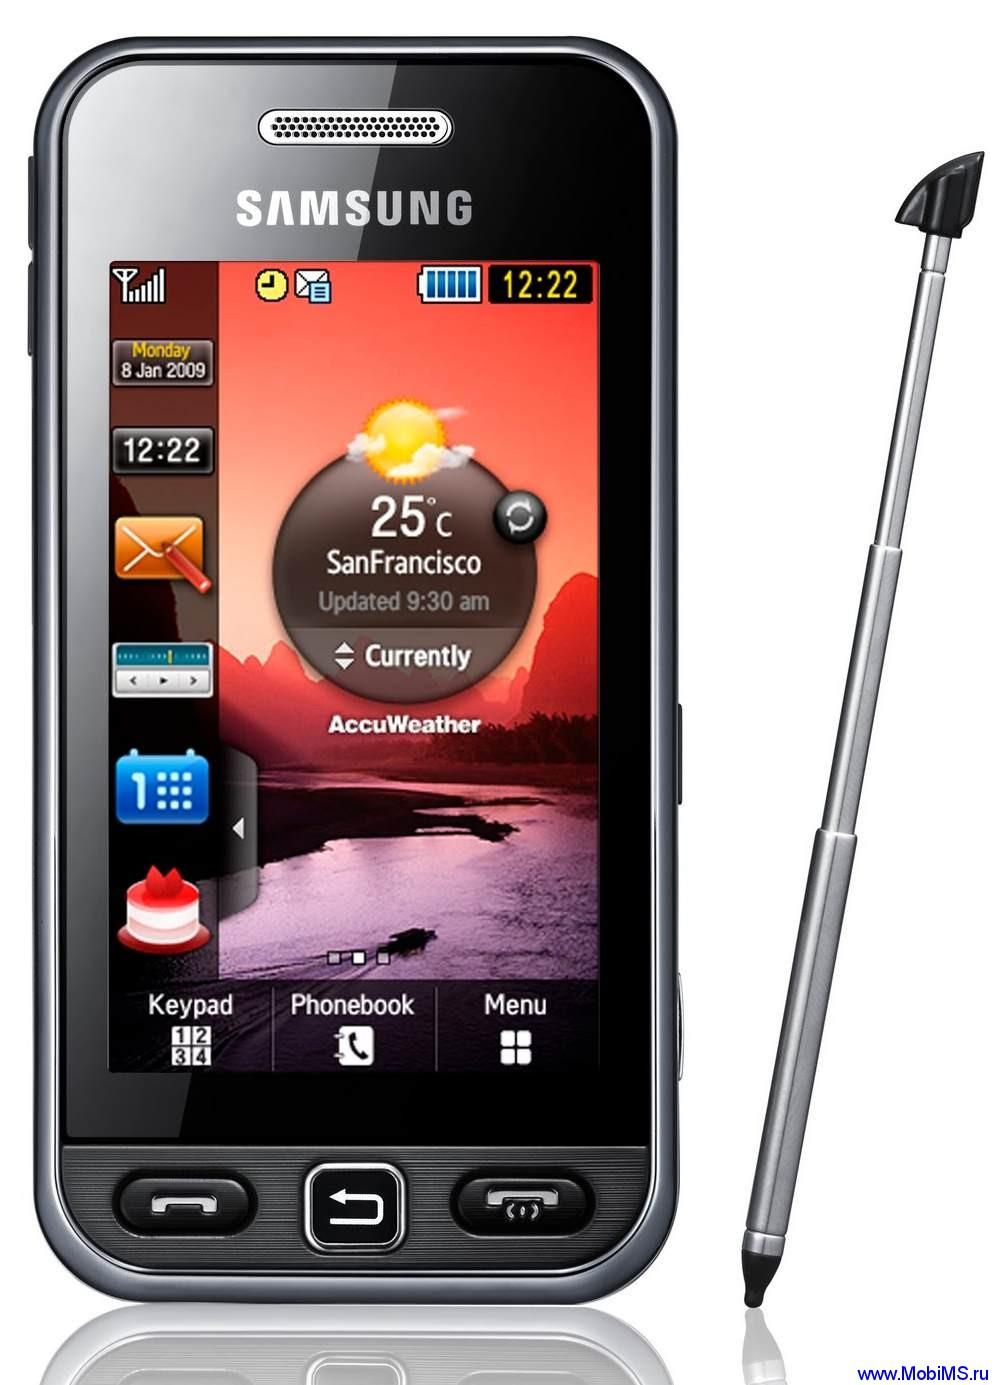 Прошивка S5233TXEJF1 для Samsung S5233T